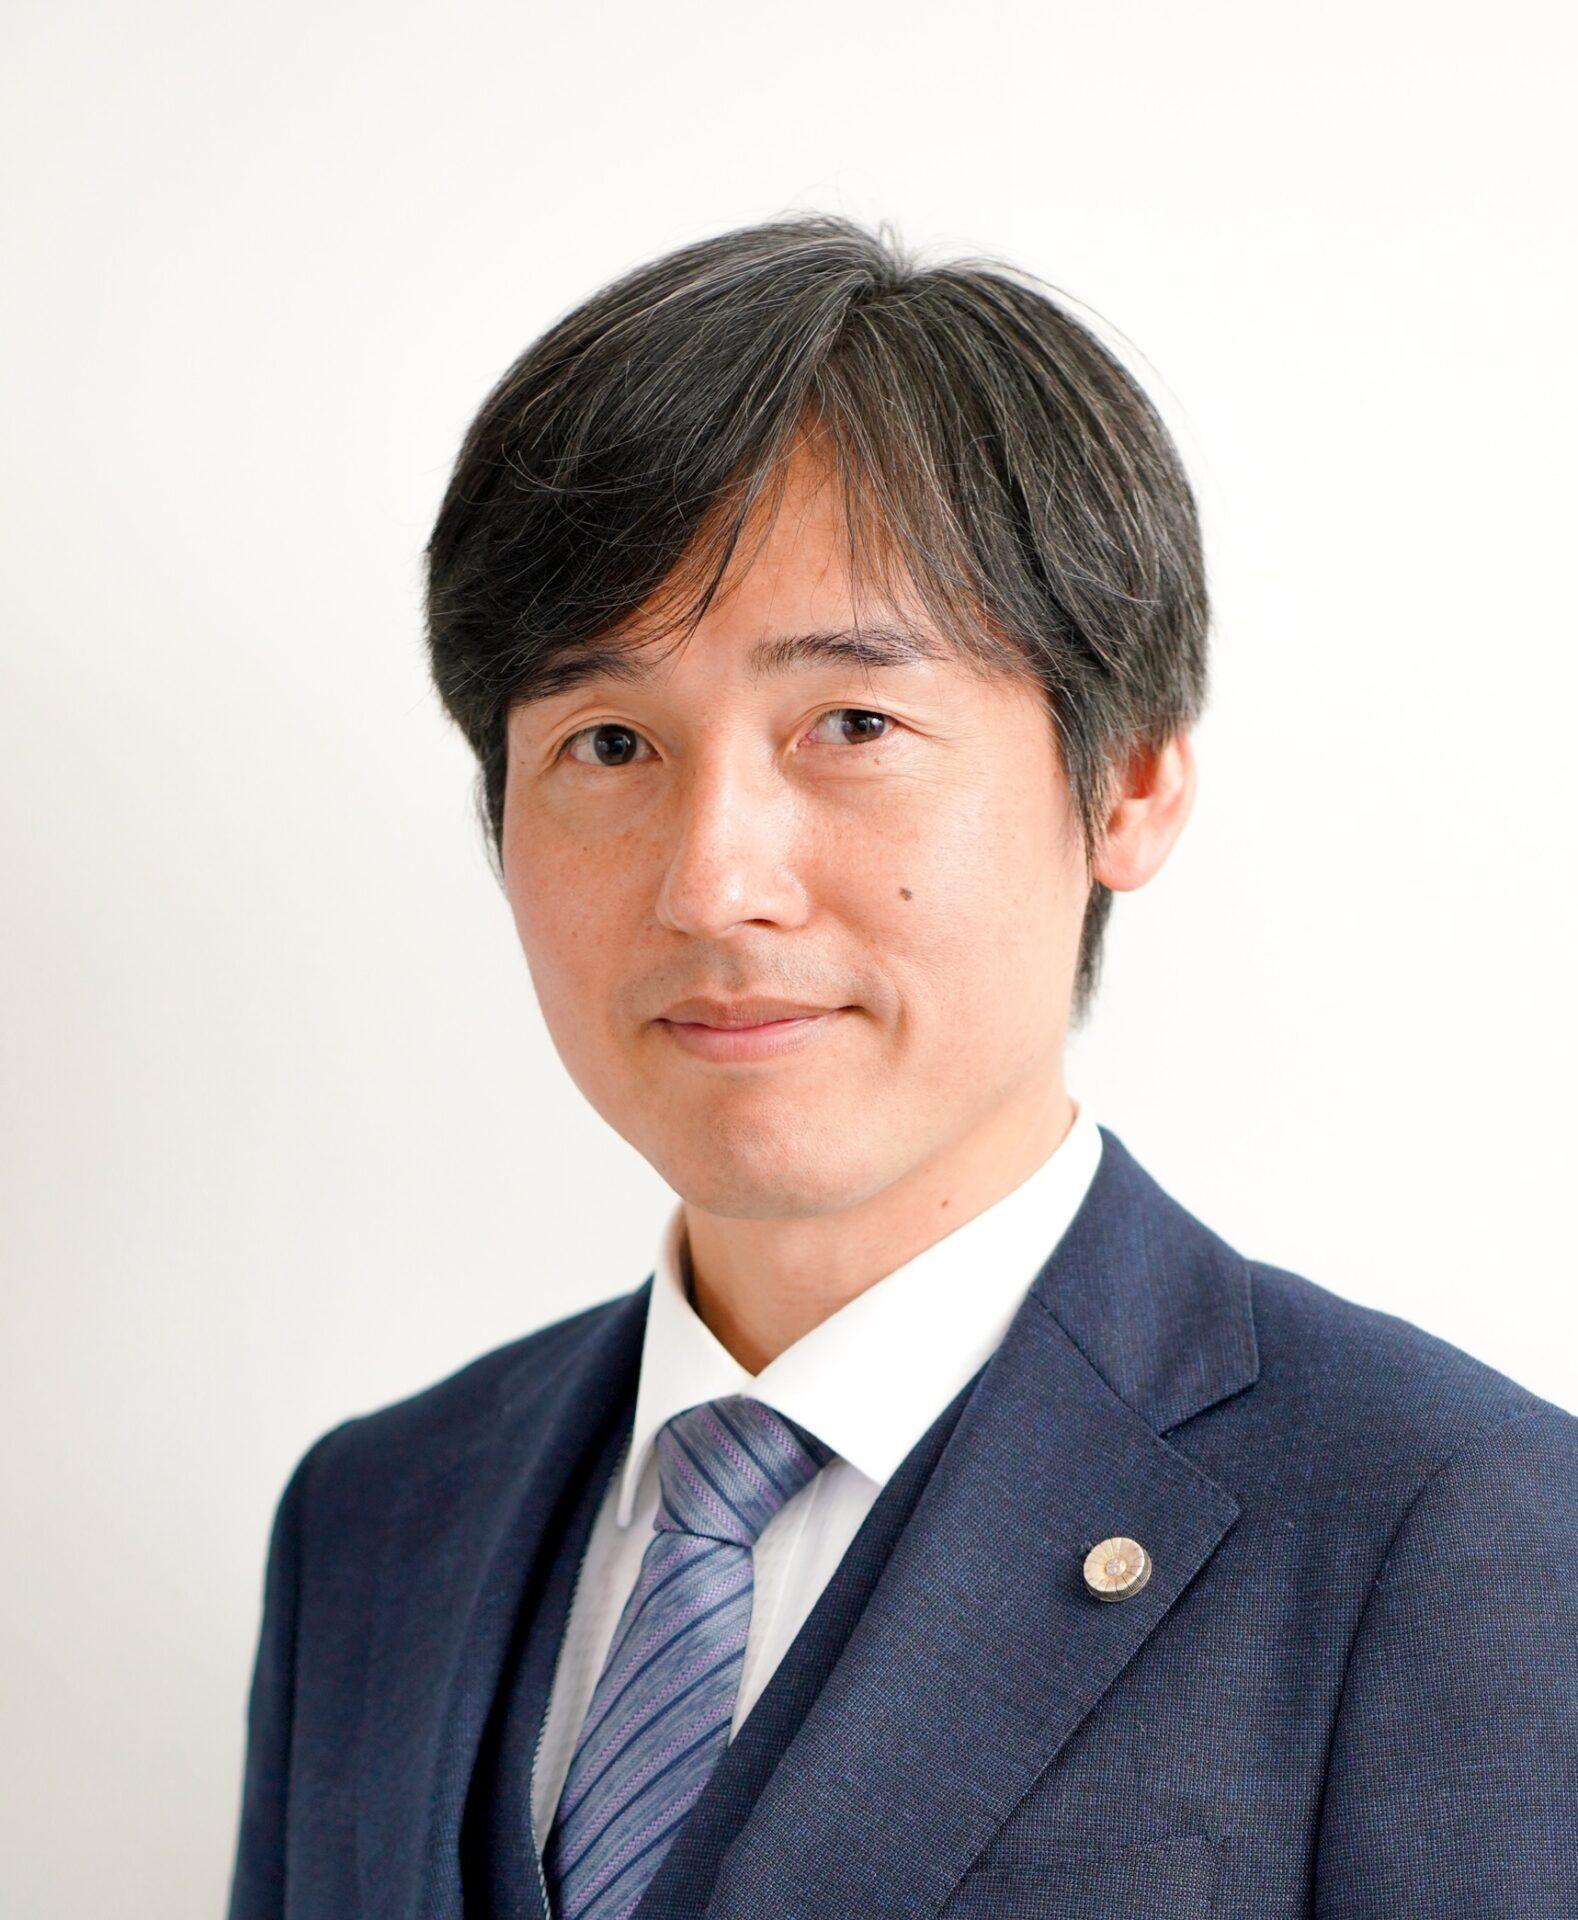 株式会社LOVELEDGE代表取締役:弁護士 堀田 崇